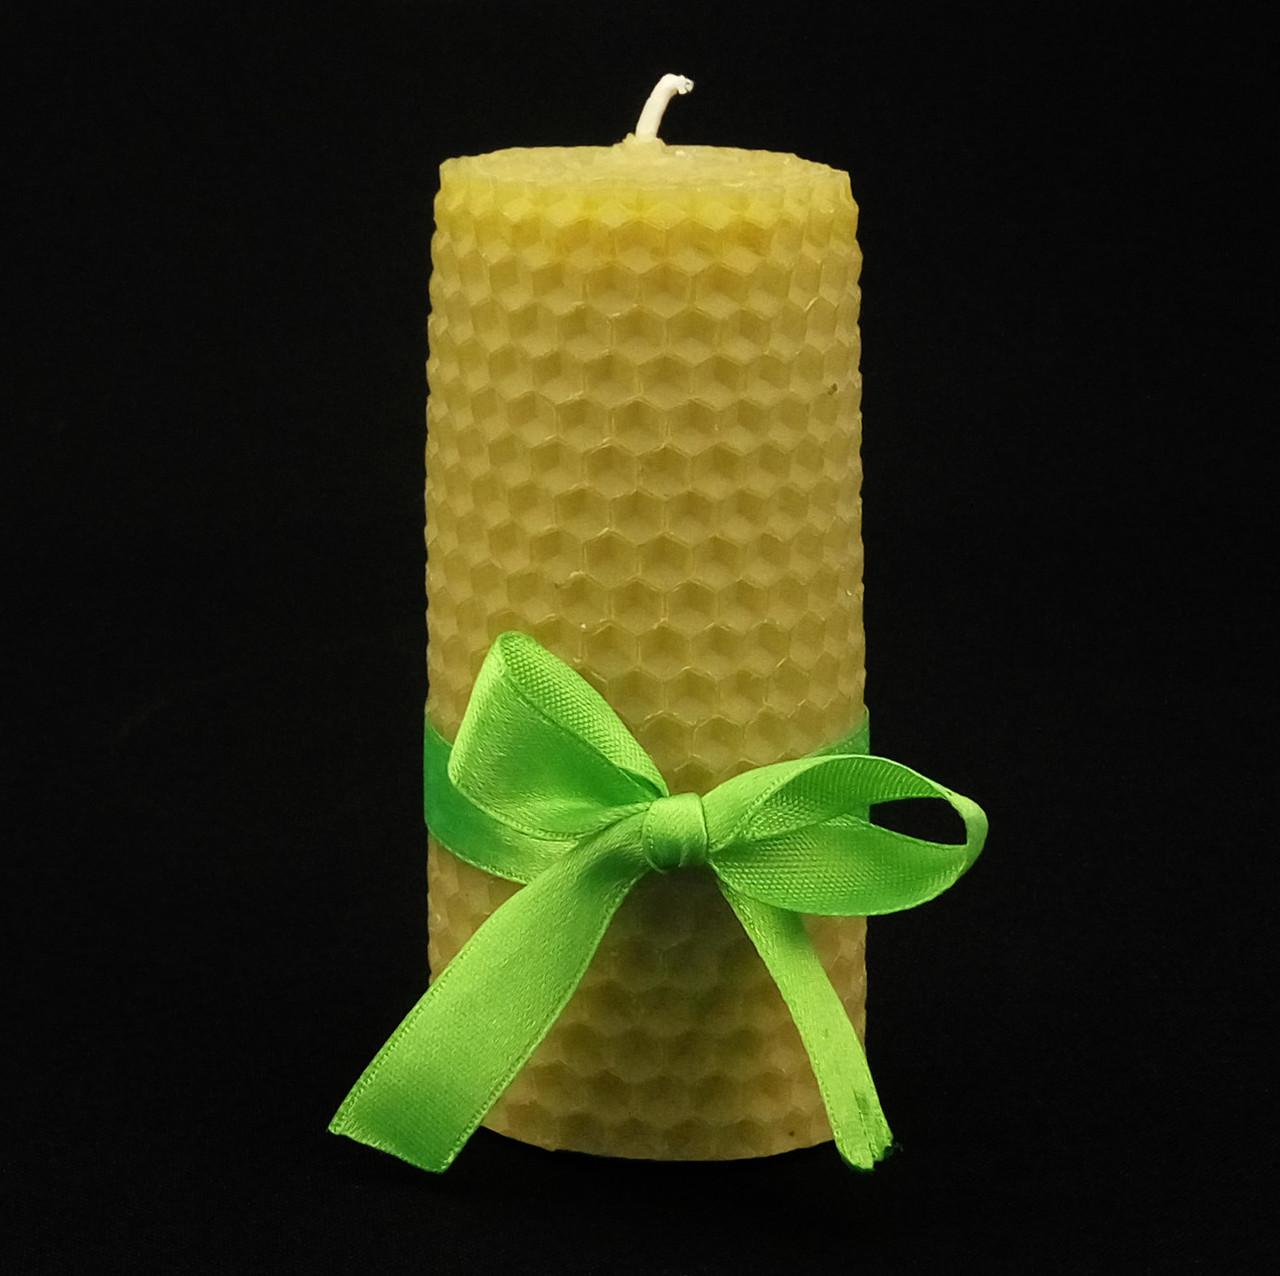 Свеча из пчелиного воска h 100, Ø 50 мм